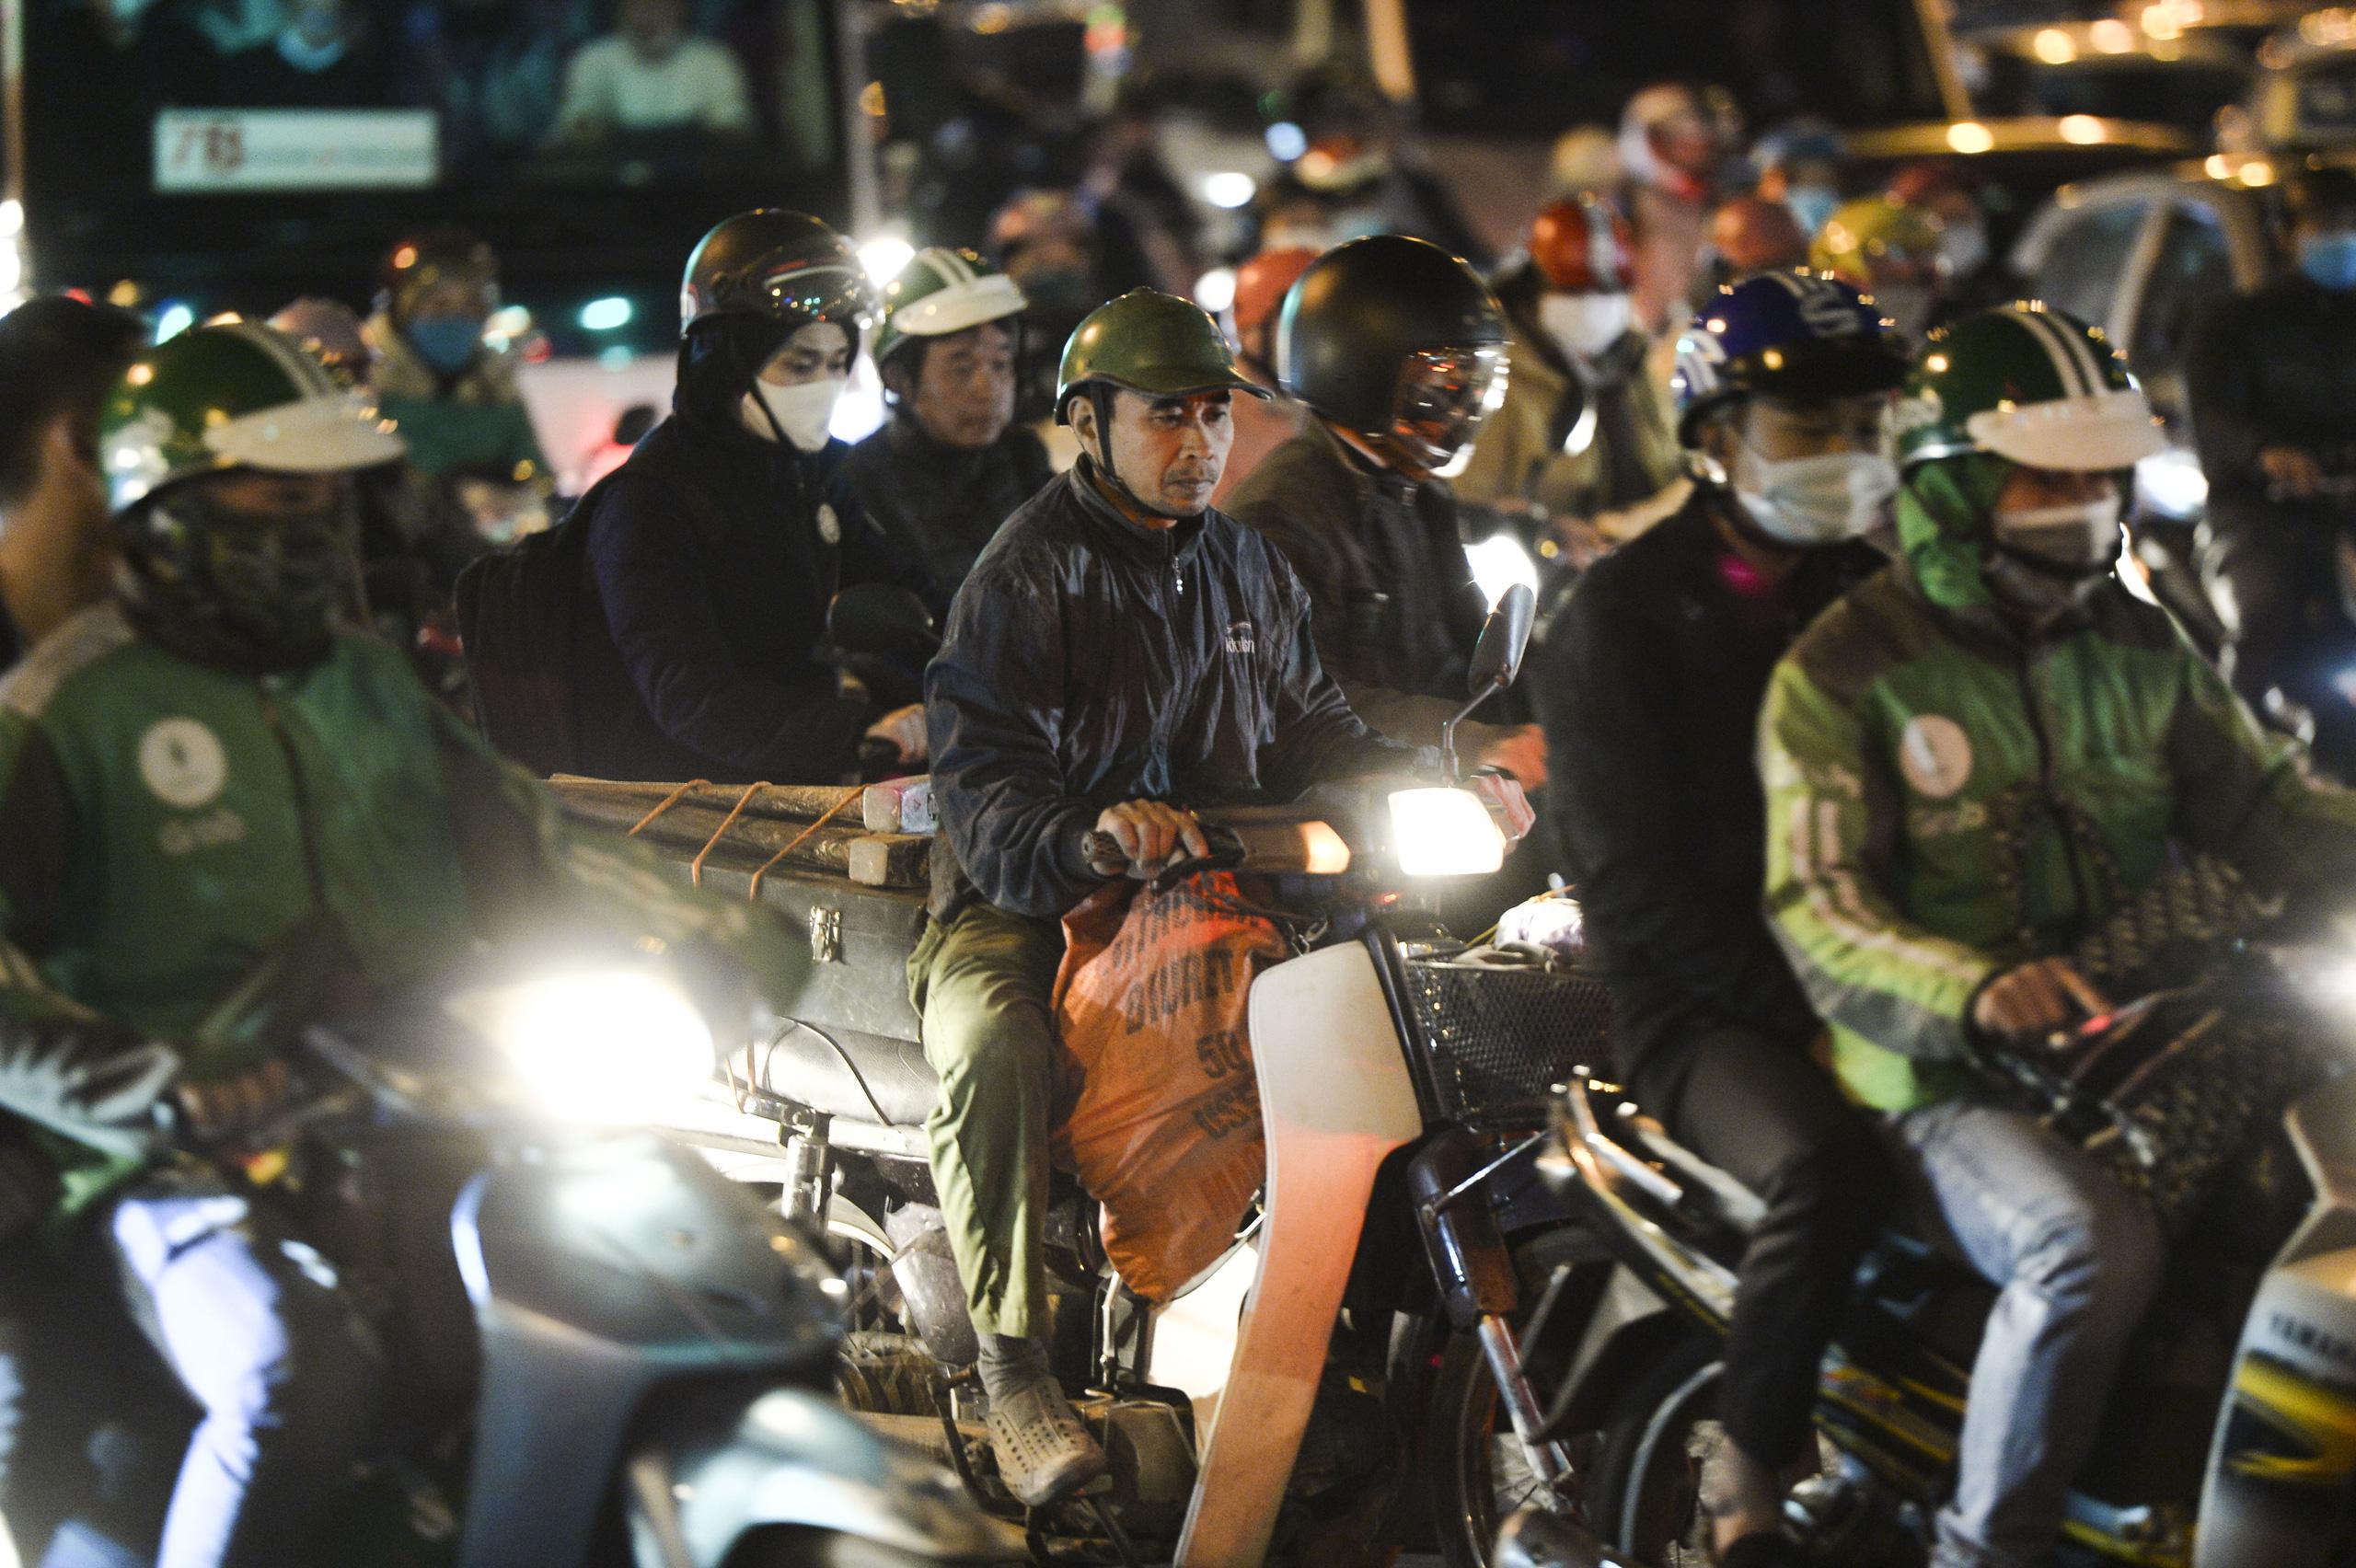 Chùm ảnh đường phố Hà Nội đông kín người từ chiều đến tối ngày cuối năm 2020 - Ảnh 5.